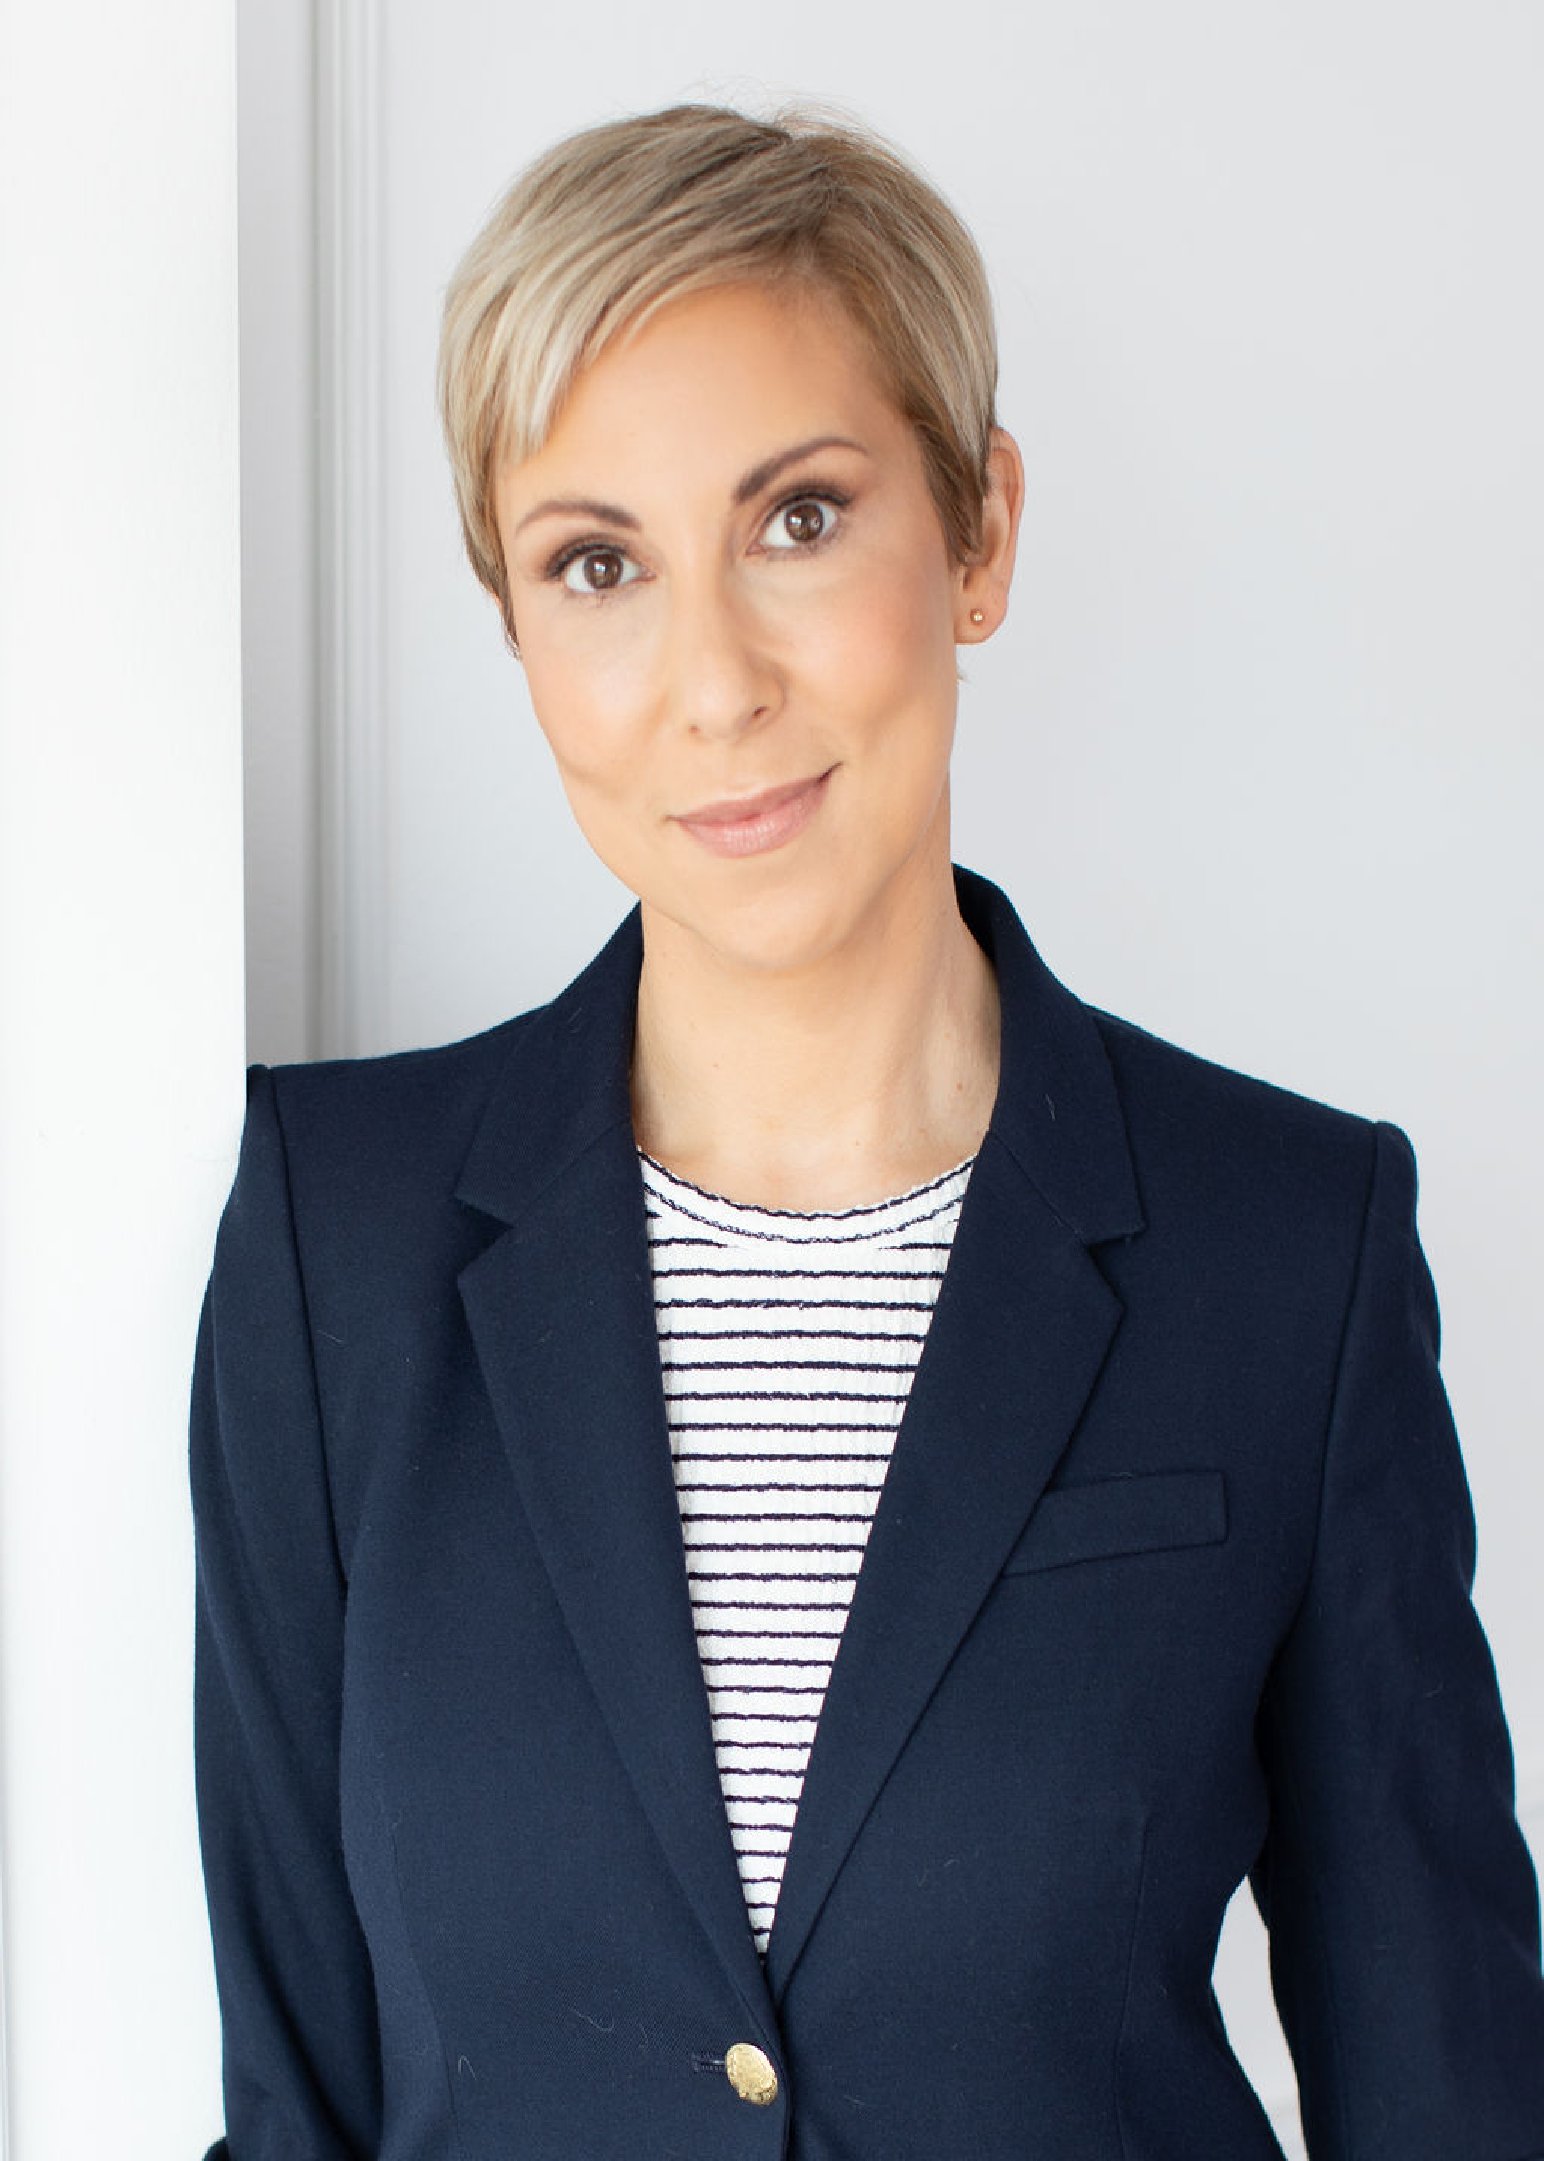 Michelle Triolo